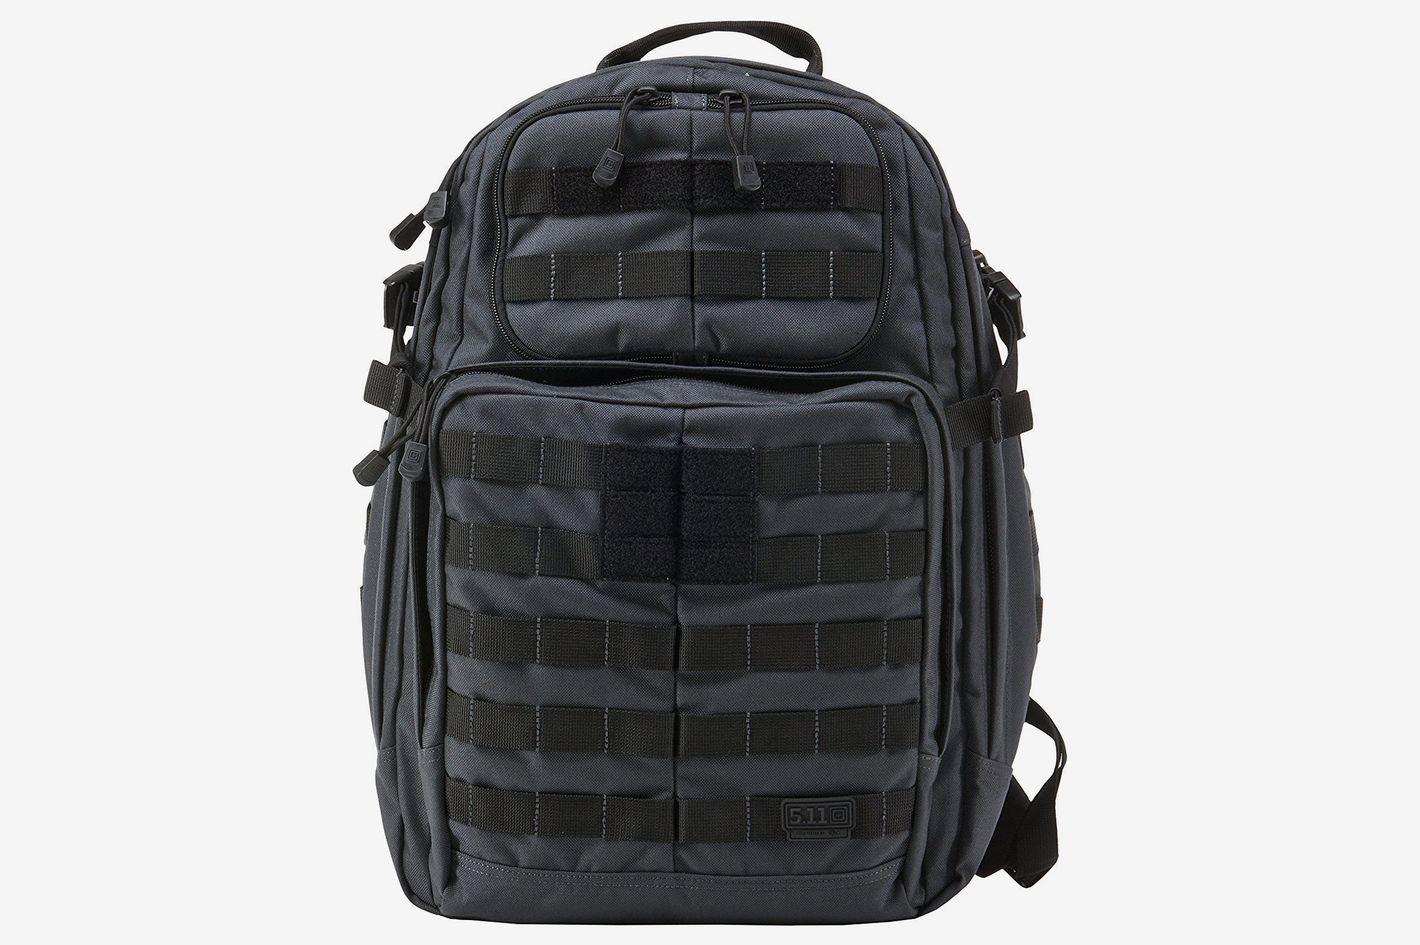 5.11 backpack